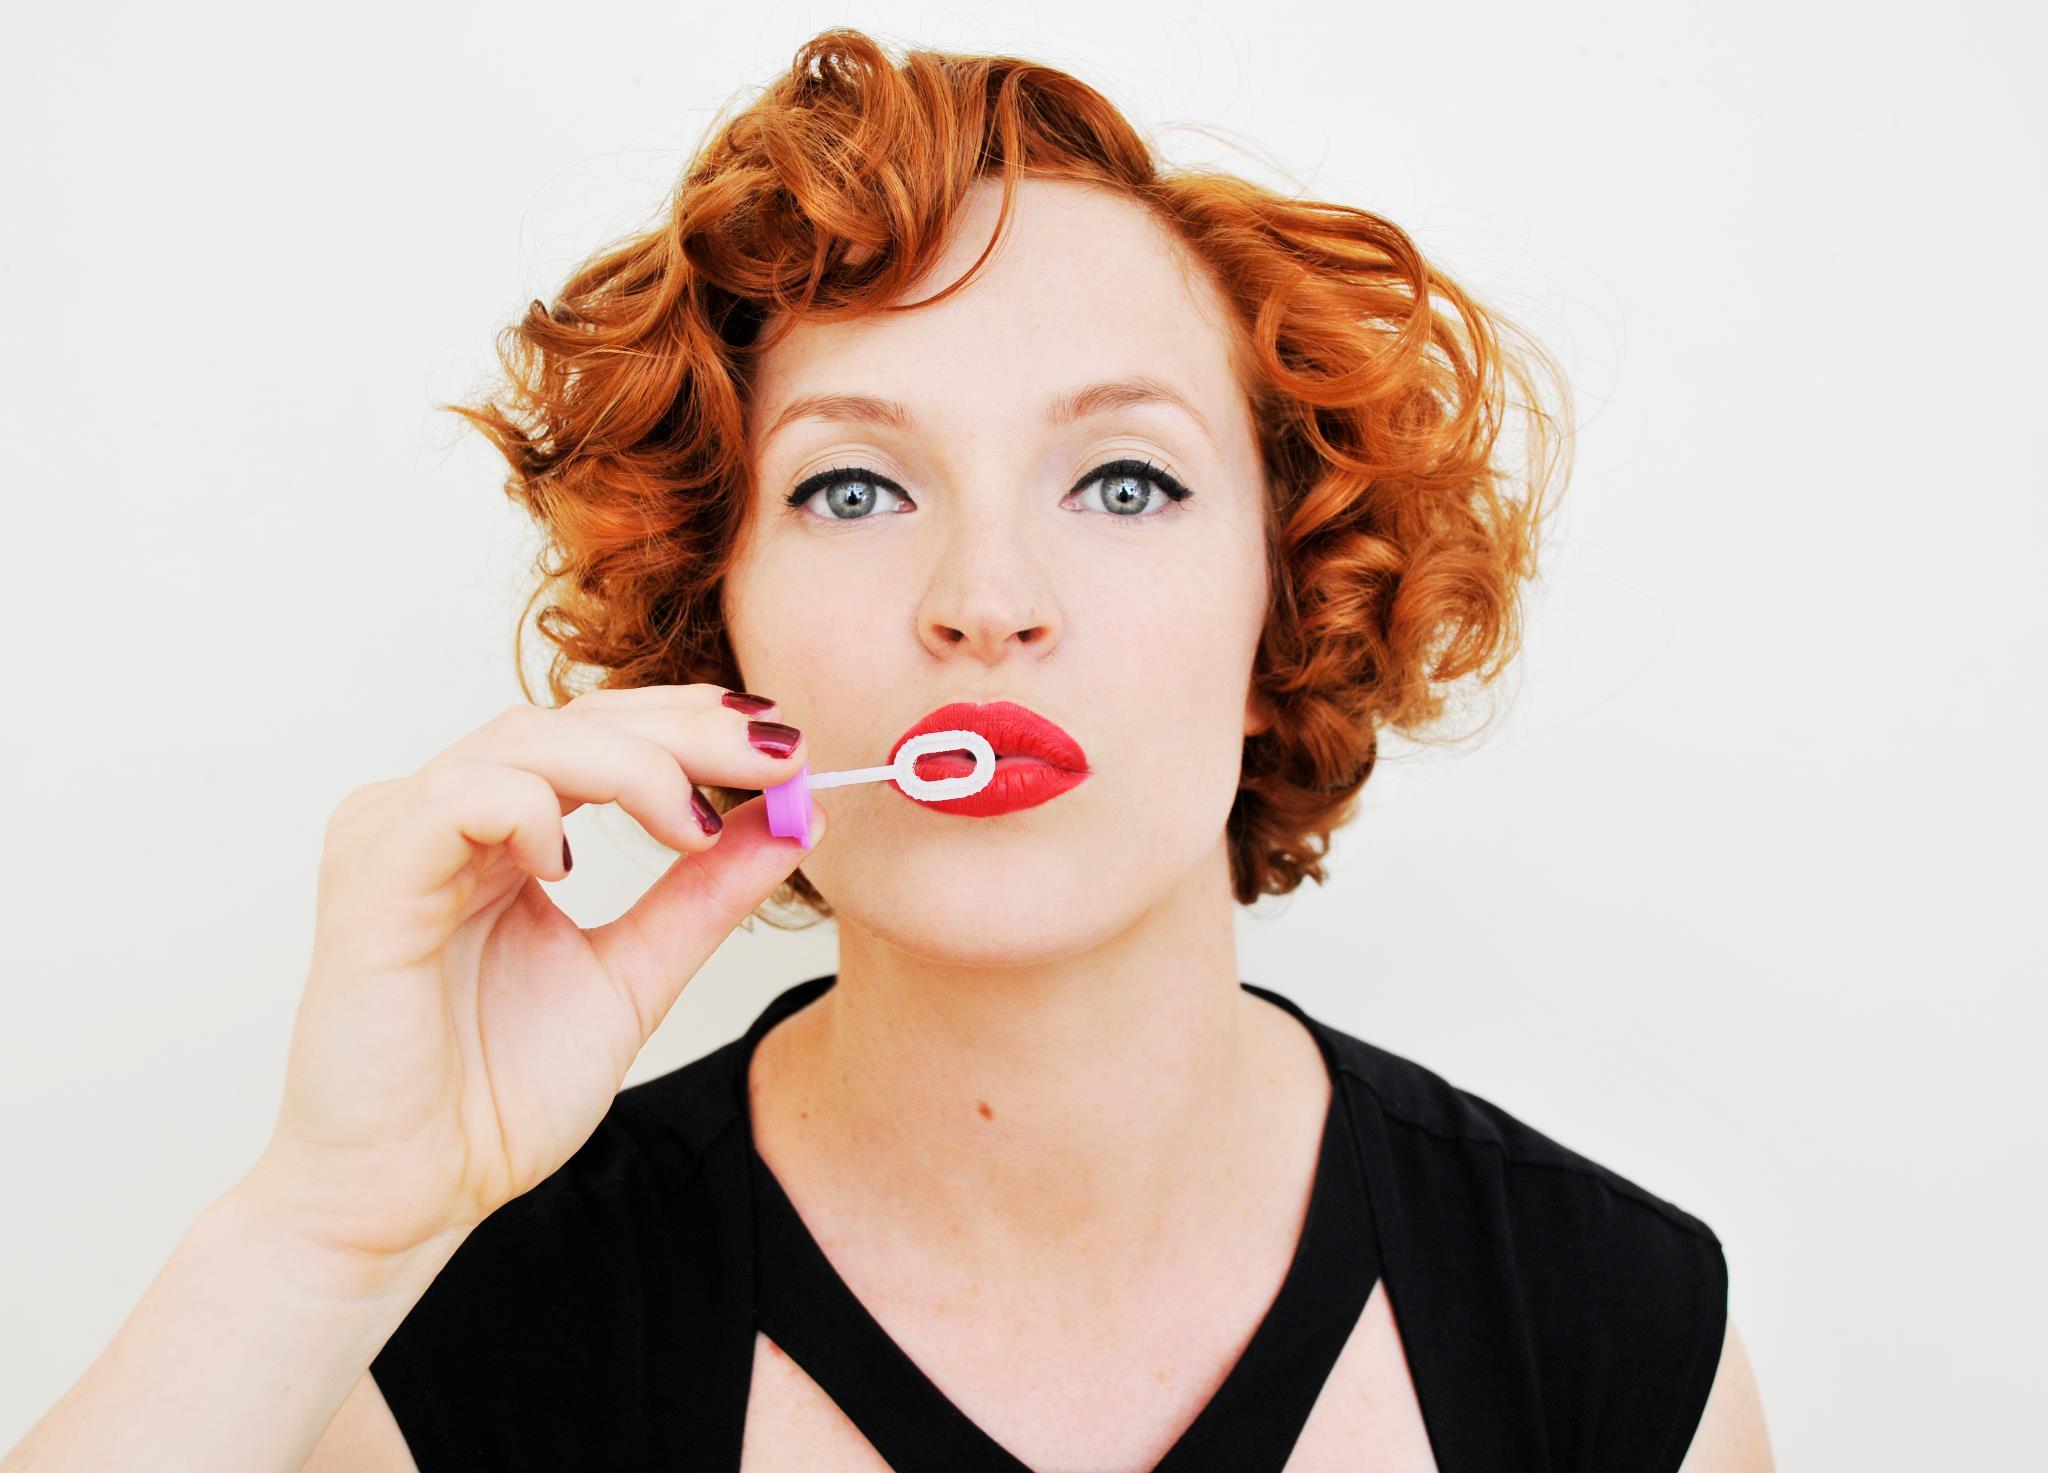 Grace McLean Color Headshot Photo by Shervin Lainez.jpg